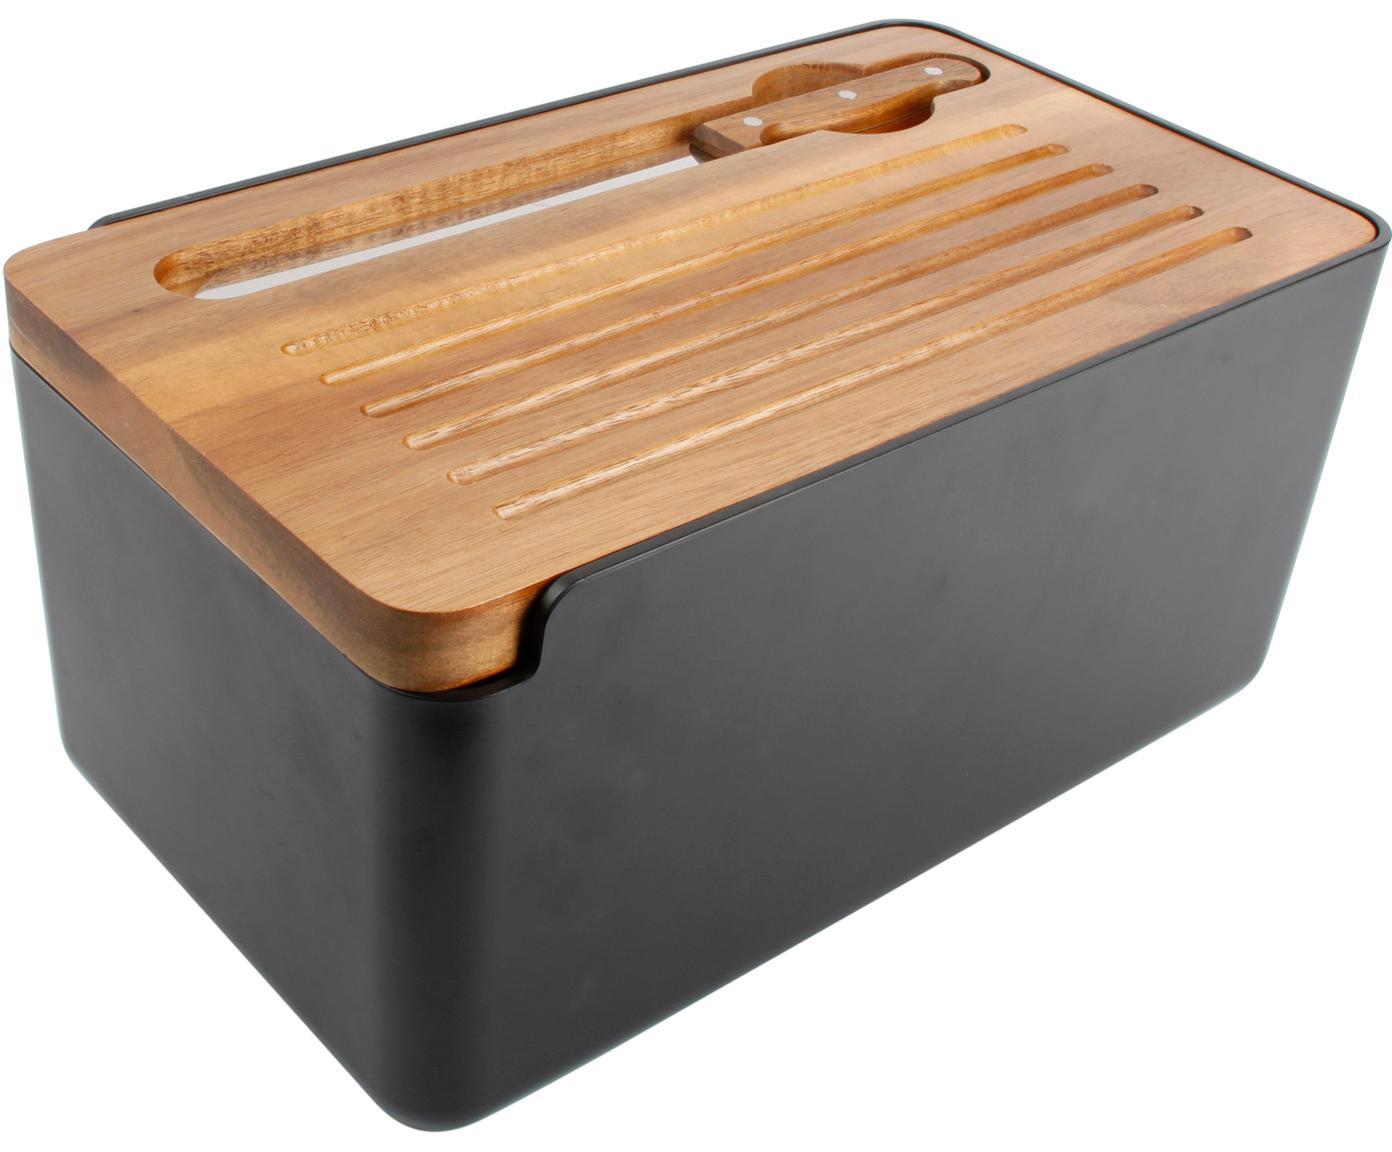 Brotkasten Hudson mit Akazienholzdeckel und Messer, 3er-Set, Messer: Rostfreier Stahl, Holz, Schwarz, Akazienholz, Stahl, 37 x 19 cm